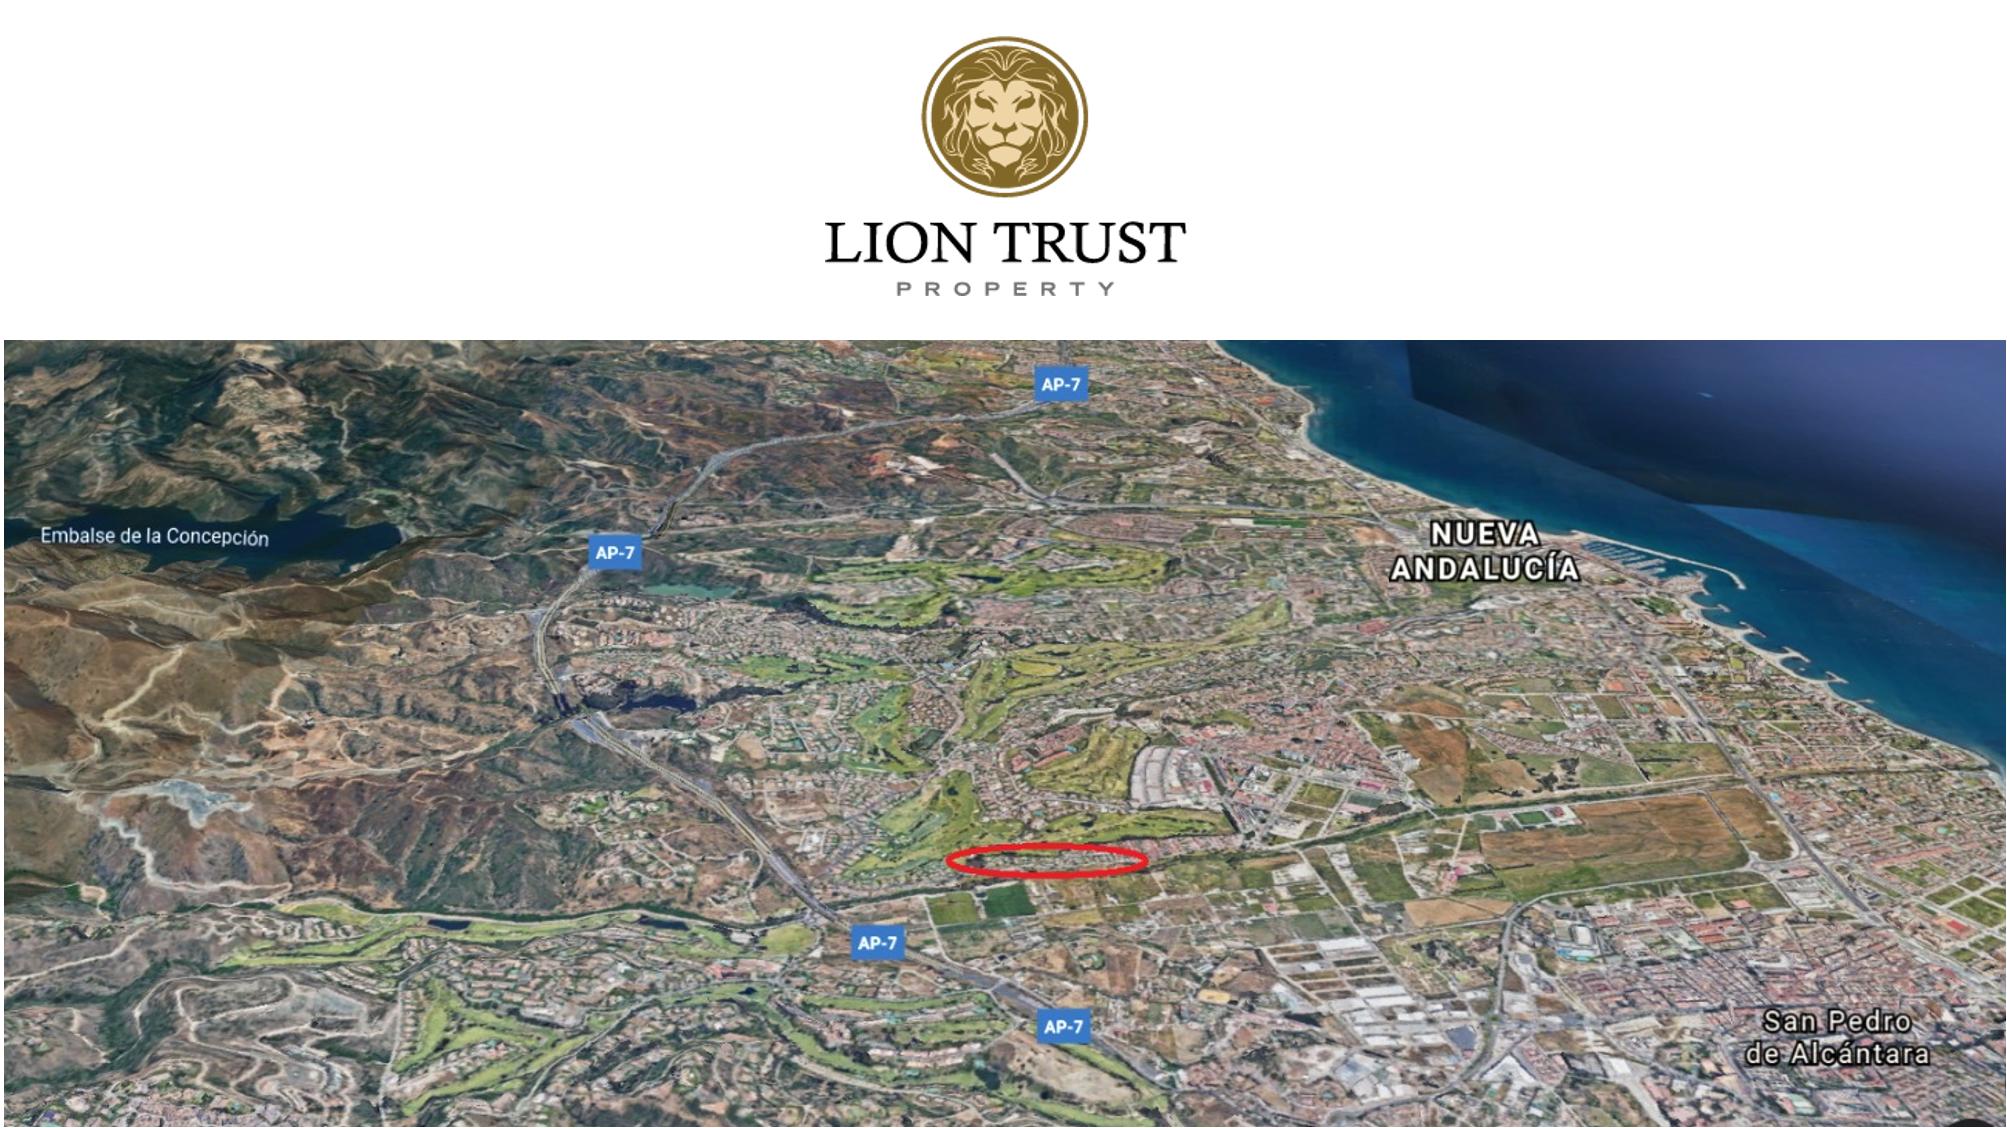 1a 1 - Lion Trust Spain